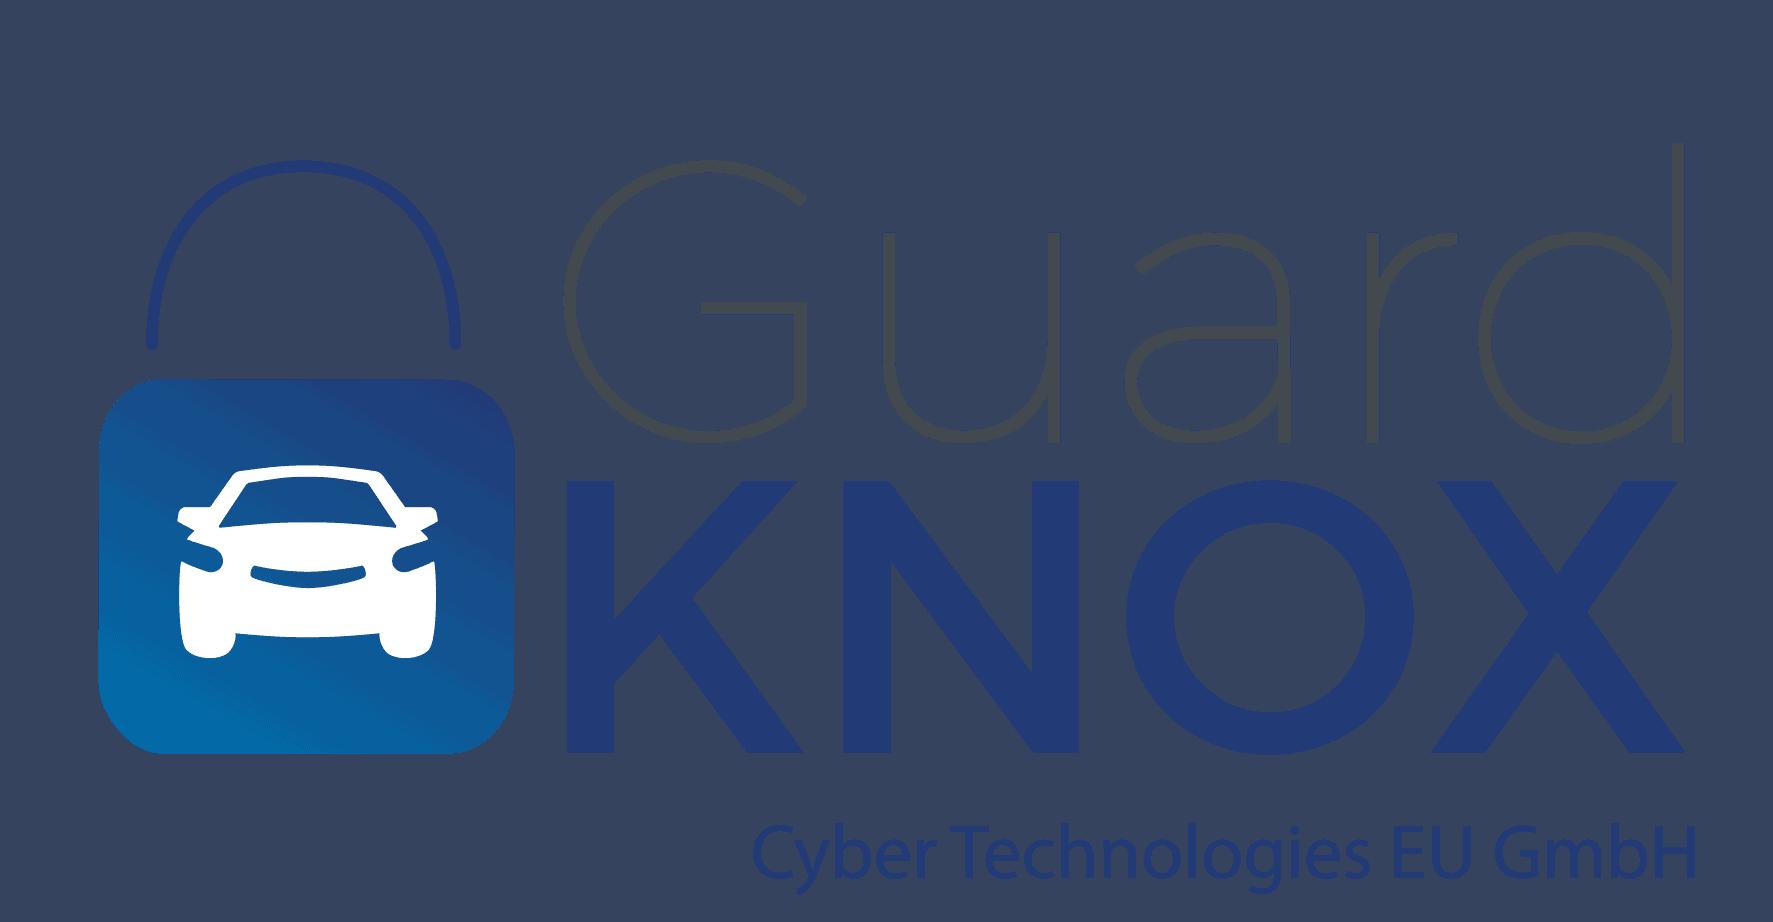 GK_GmbH